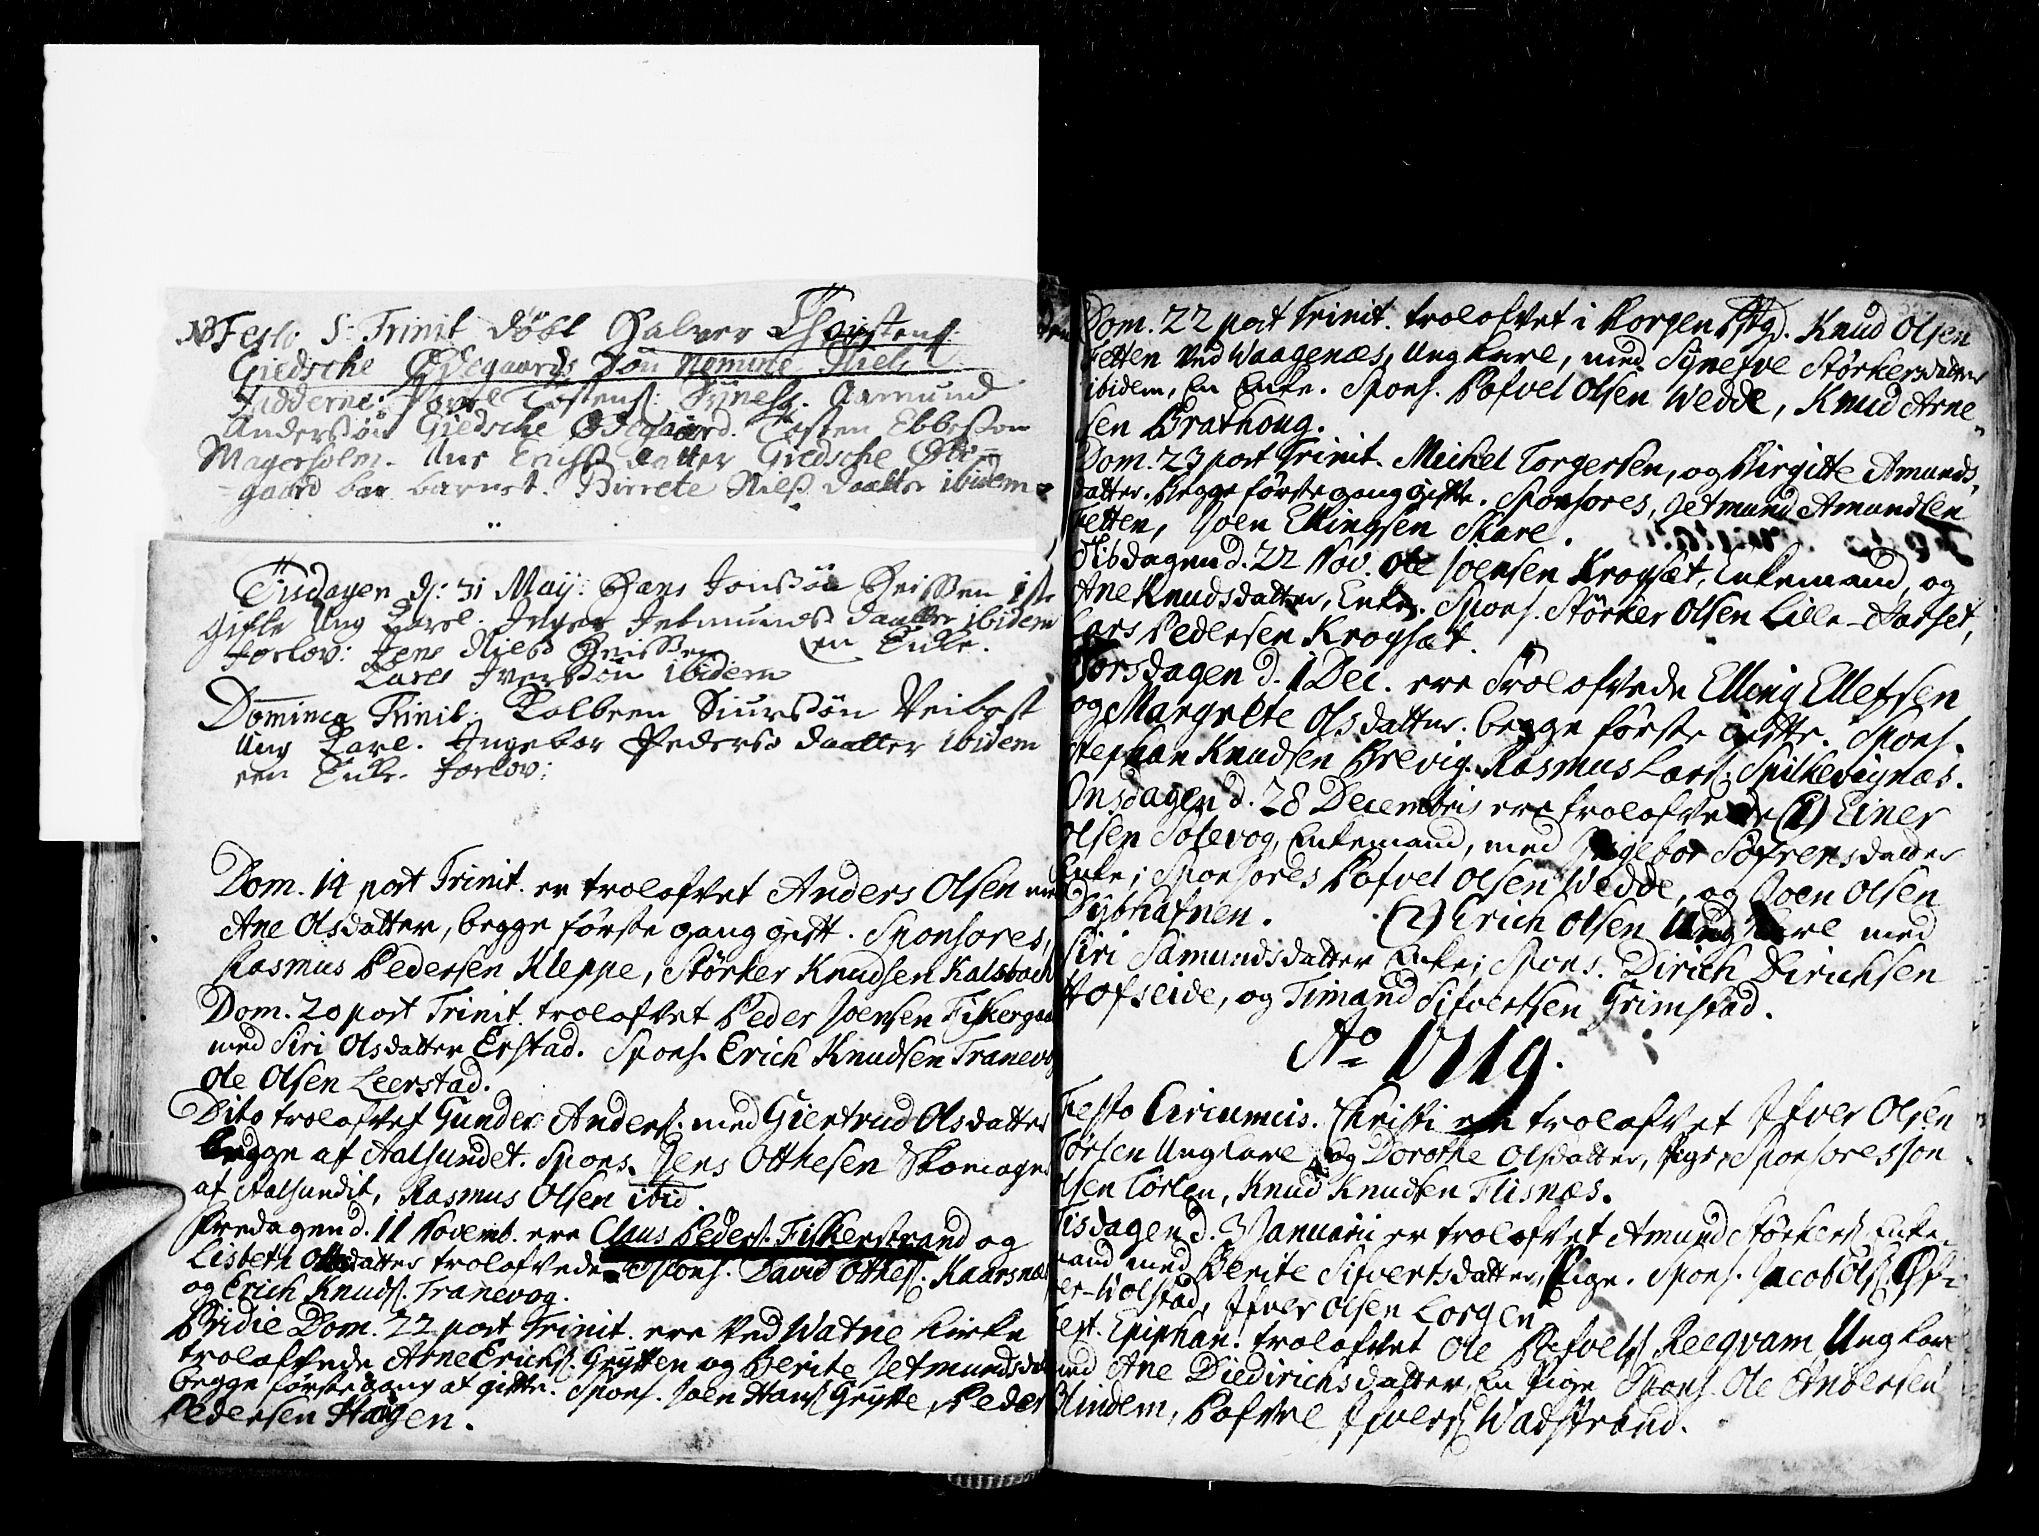 SAT, Ministerialprotokoller, klokkerbøker og fødselsregistre - Møre og Romsdal, 528/L0390: Ministerialbok nr. 528A01, 1698-1739, s. 34-35